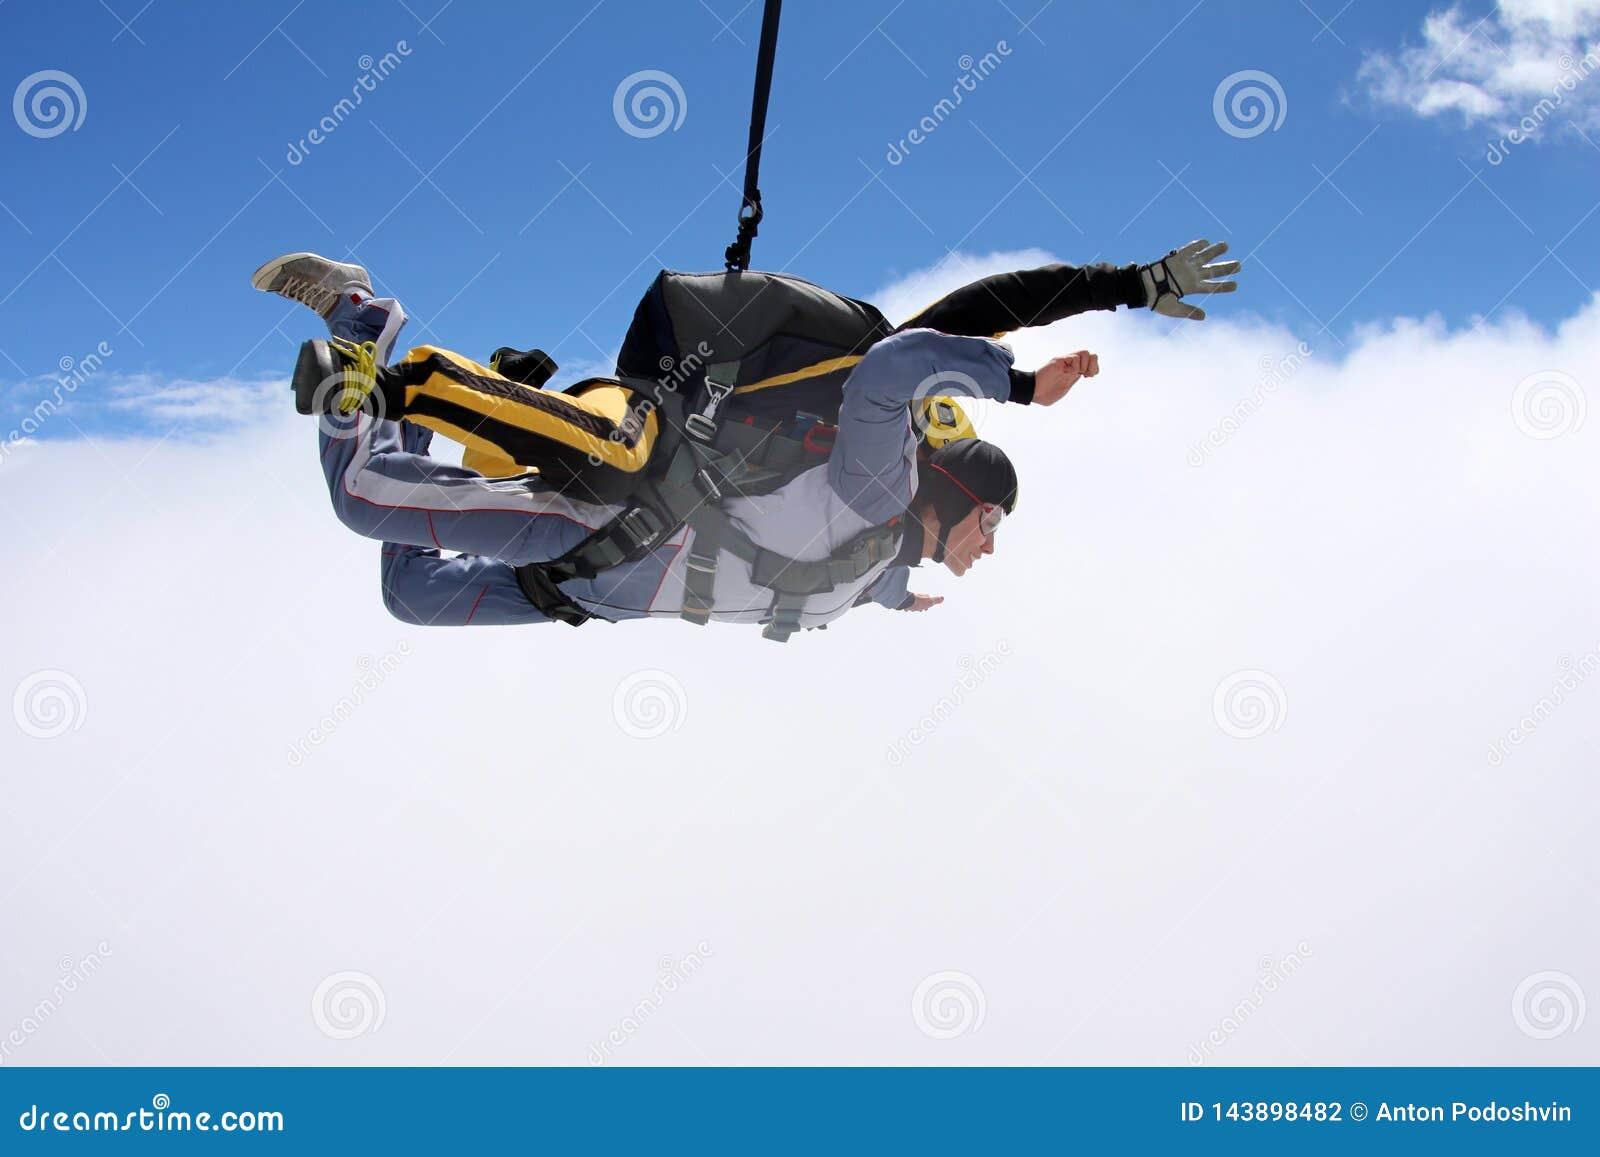 Tandemowy skok Skydiving w niebieskim niebie